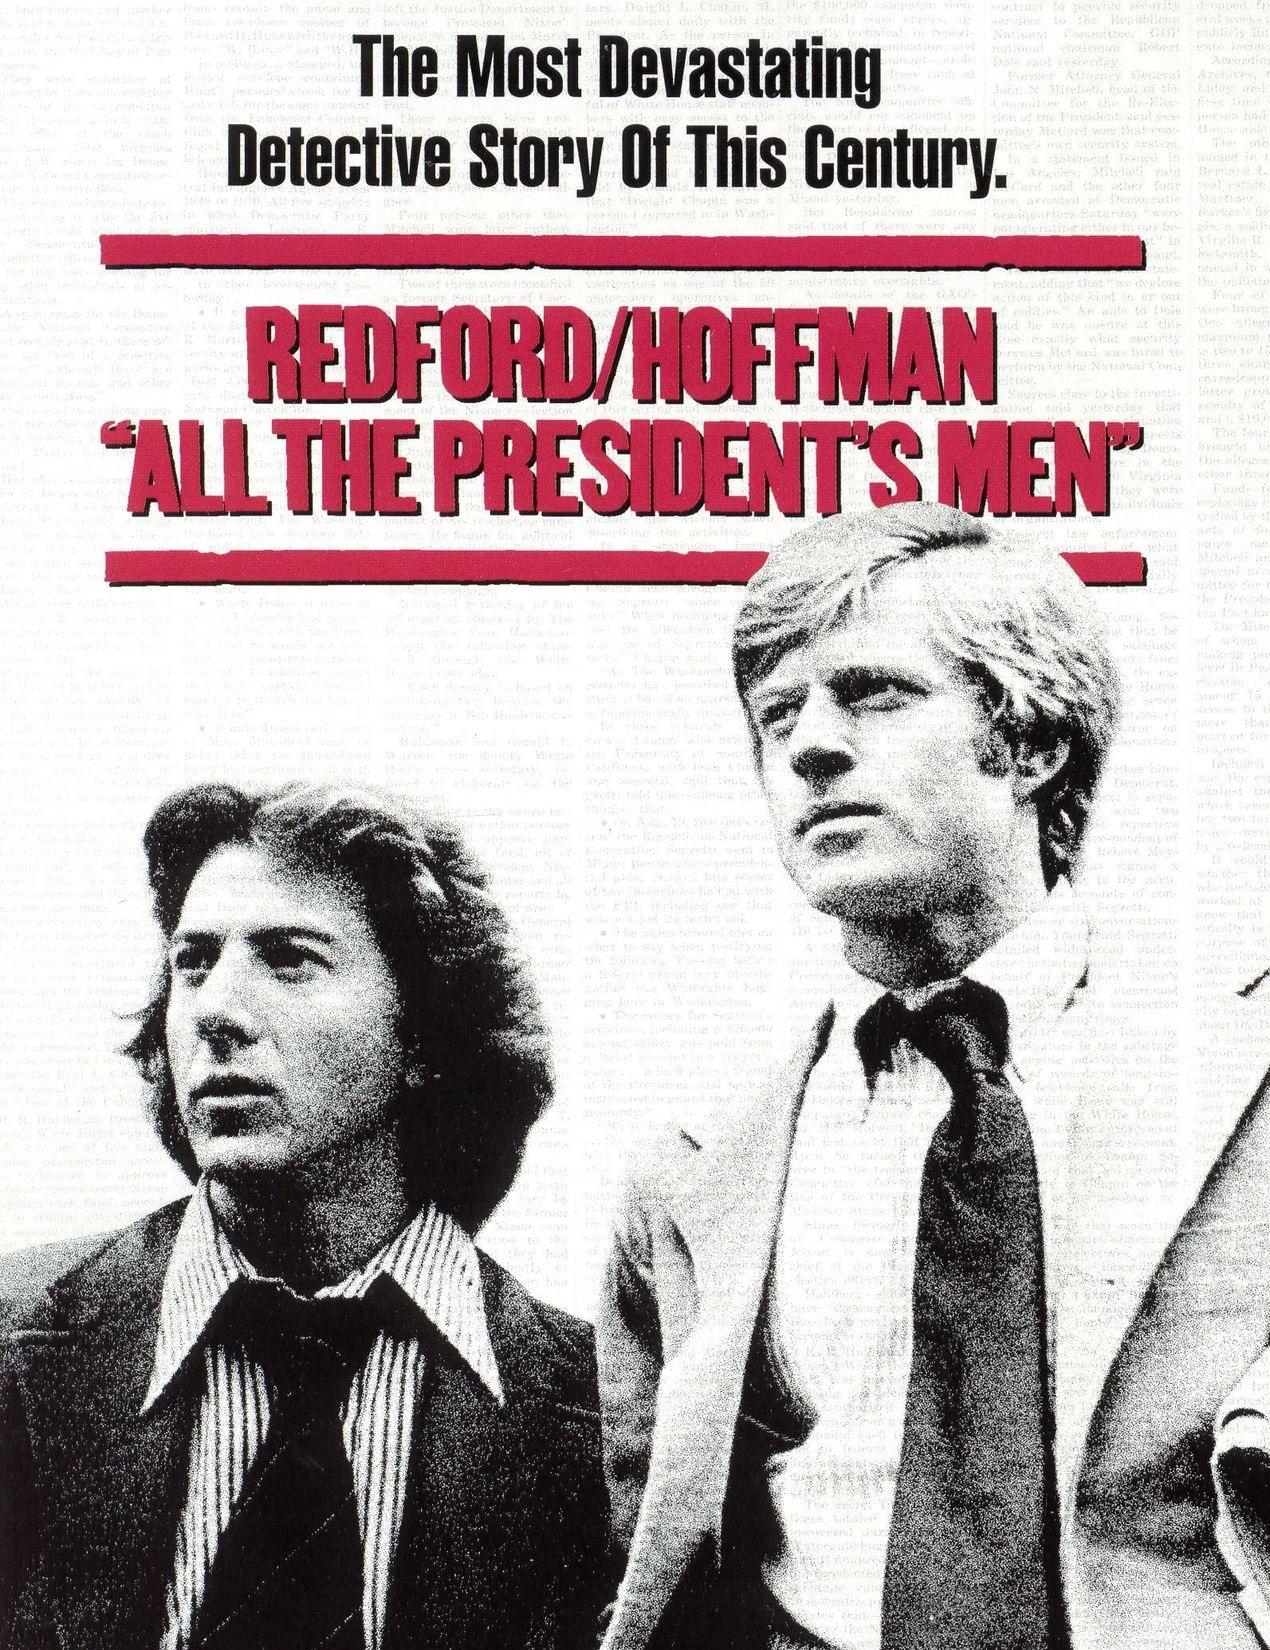 """All The President's Men / """"Цялото президентско войнство"""" (1976) – Режисьор: Алан Джей Пакула; Участват: Робърт Редфорд, Дъстин Хофман, Джейсън Робъртс"""